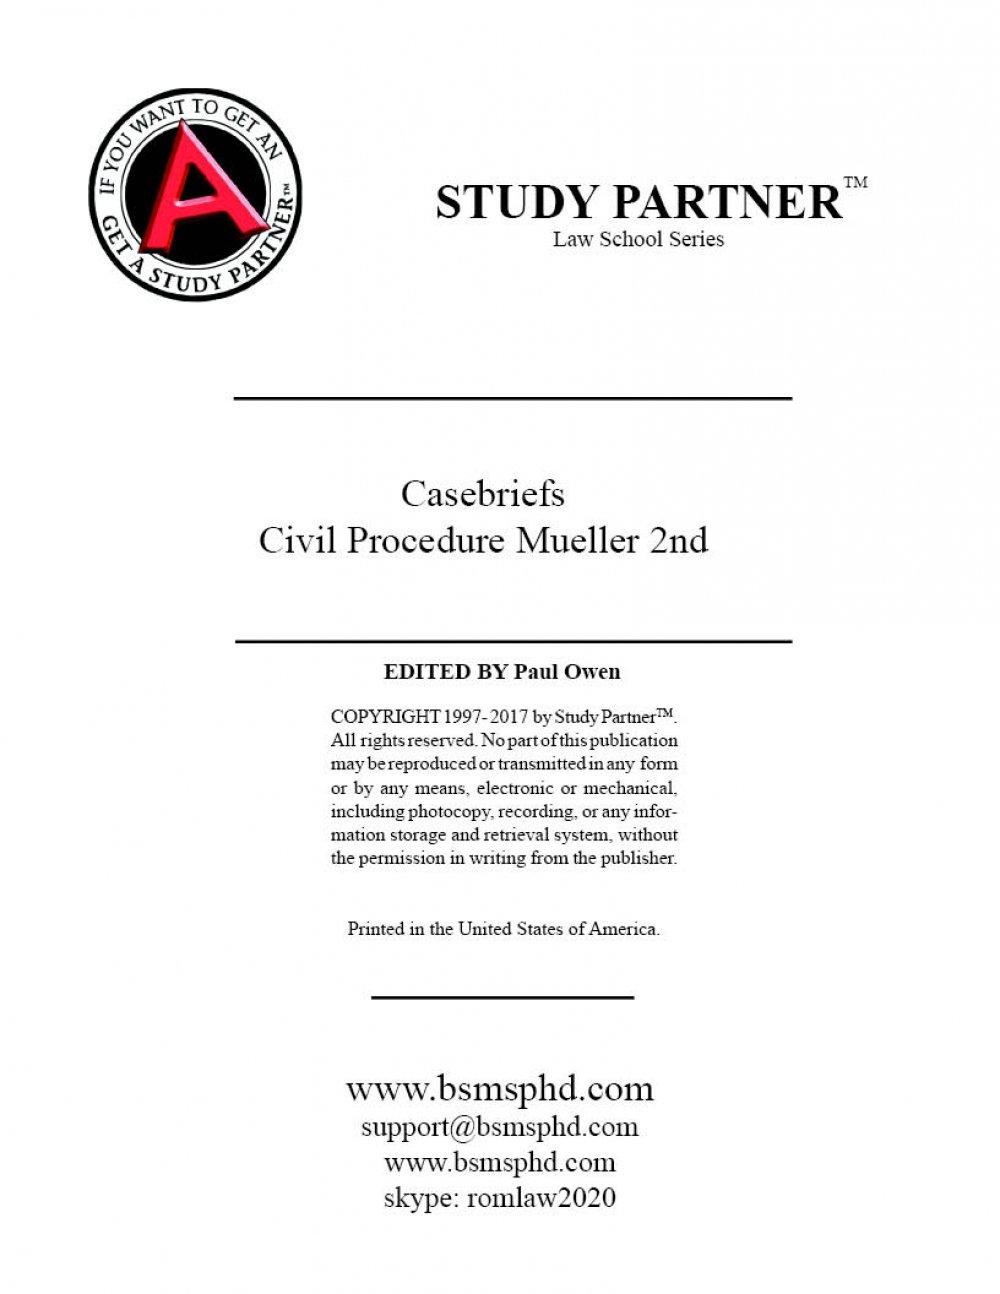 Download Casebriefs for the casebook Twenty-First Century Procedure 2nd Edition Mueller 9781454876649, 1454876646 ebook